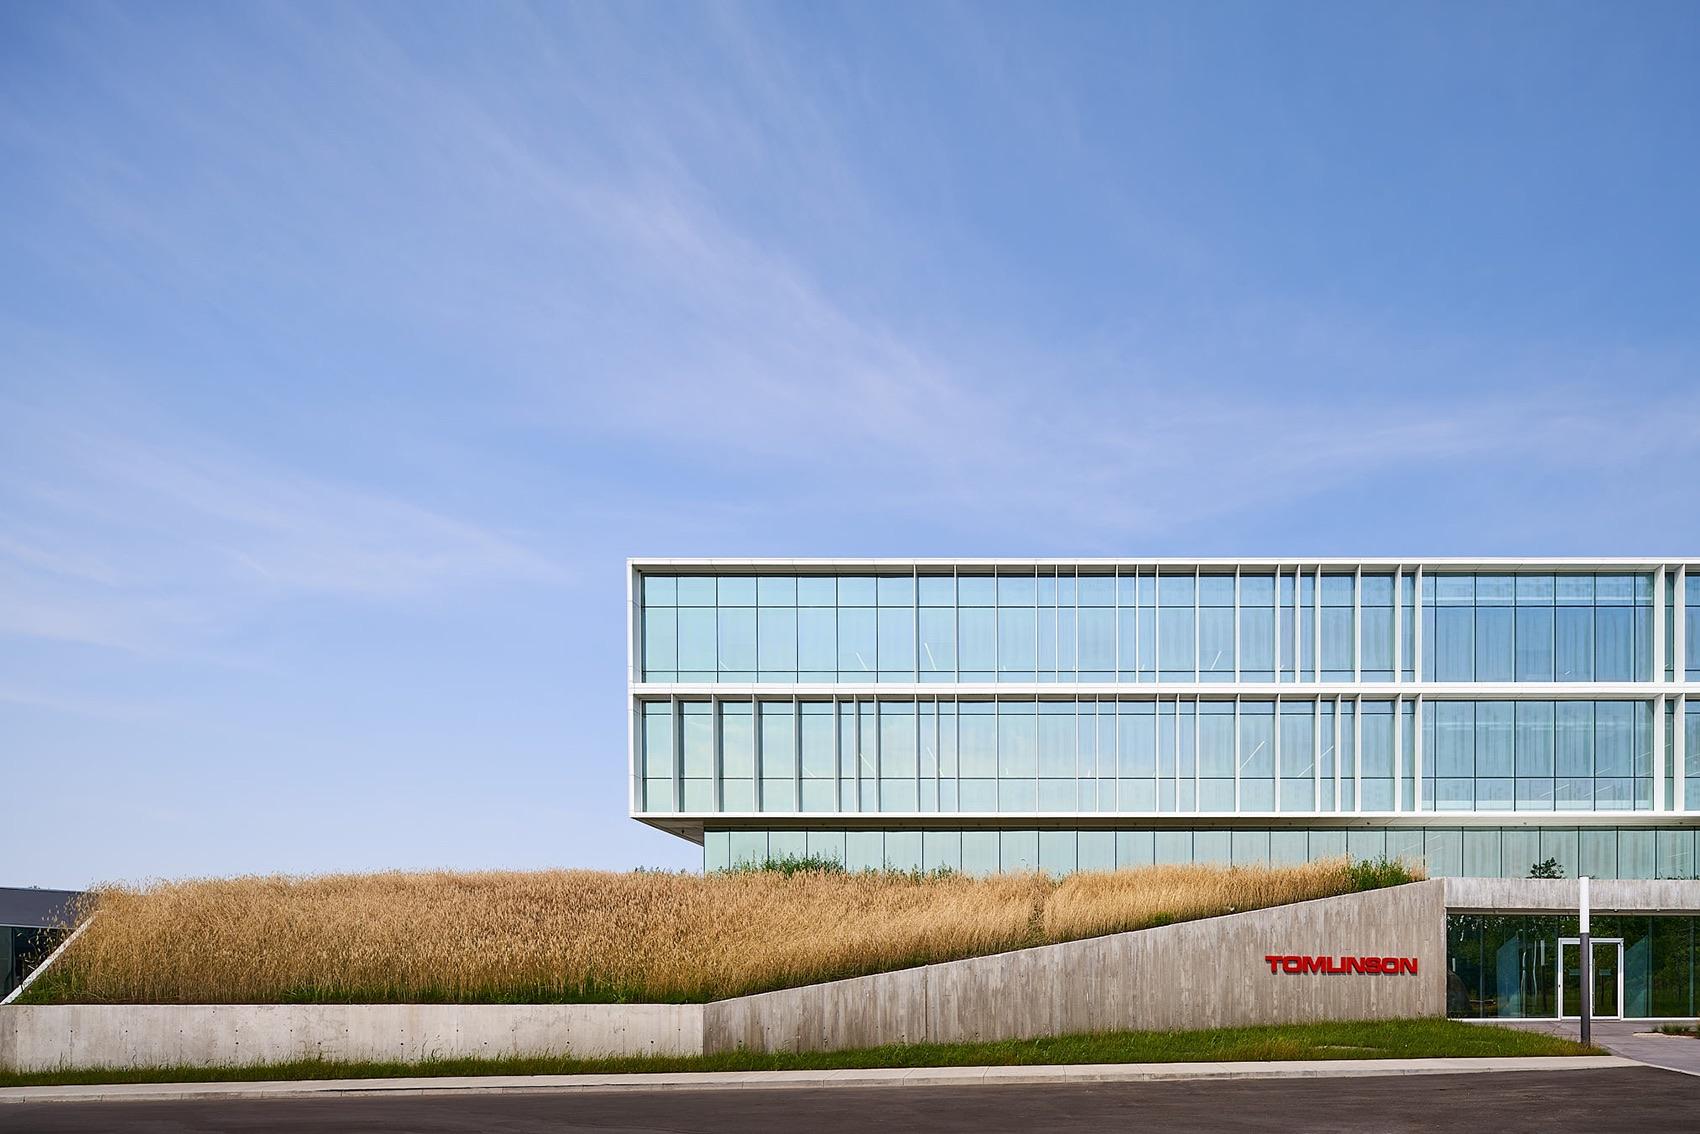 tomlison-ottawa-office-1